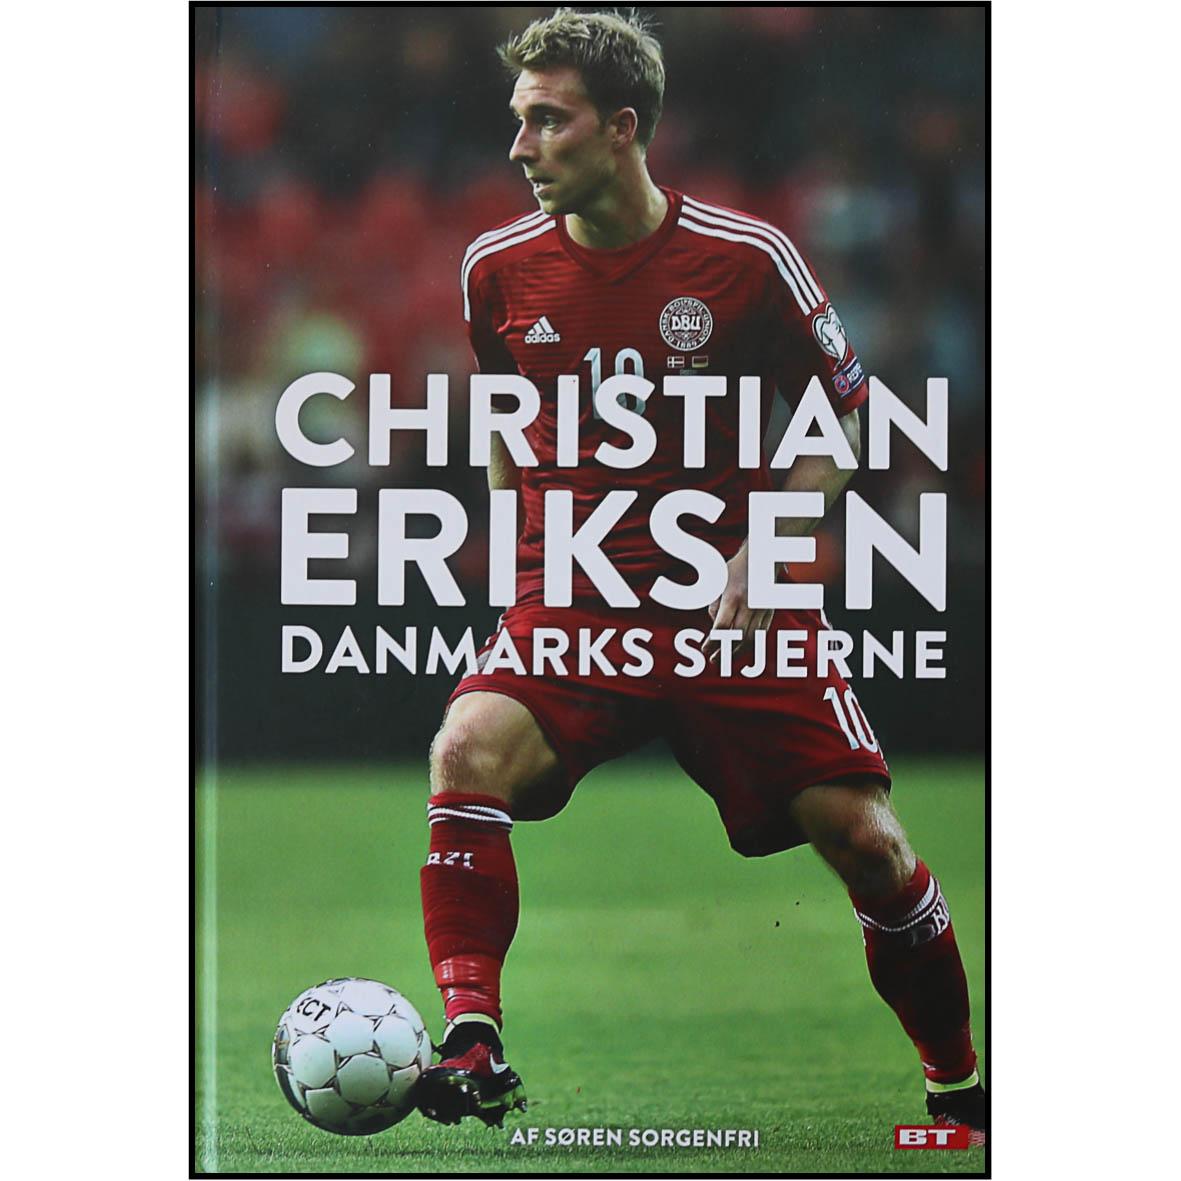 Christian Eriksen - Danmarks stjerne